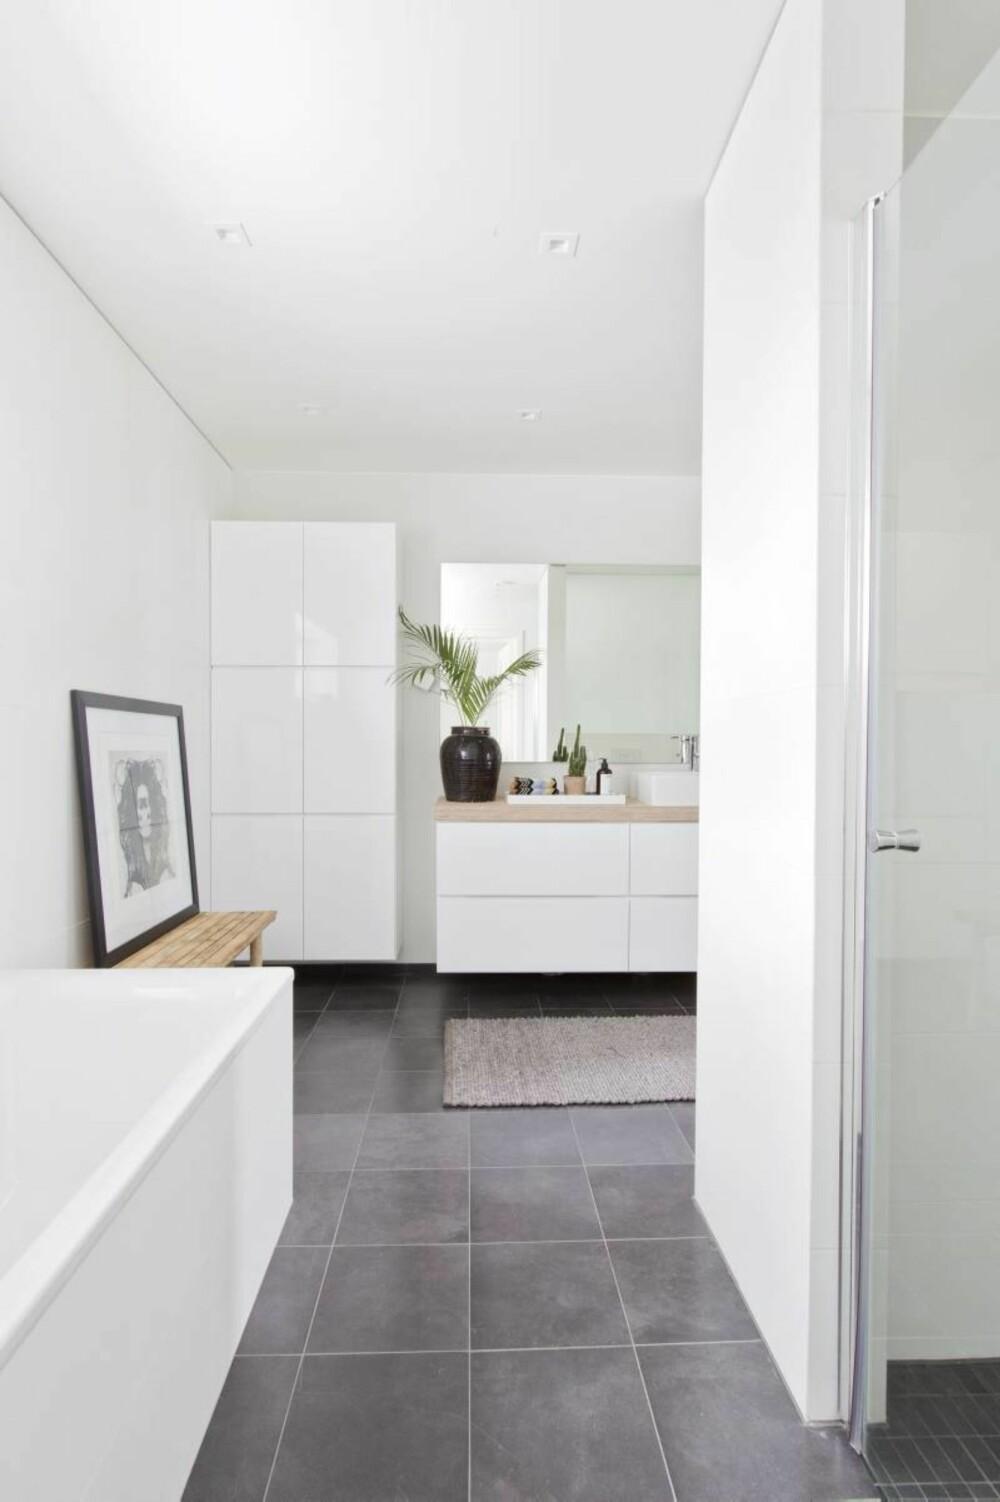 Romslig. Badekaret fra Noro er plassert like ved en stor dusjnisje, og lenger inn henger et servantskap fra Kvik og toalettet.